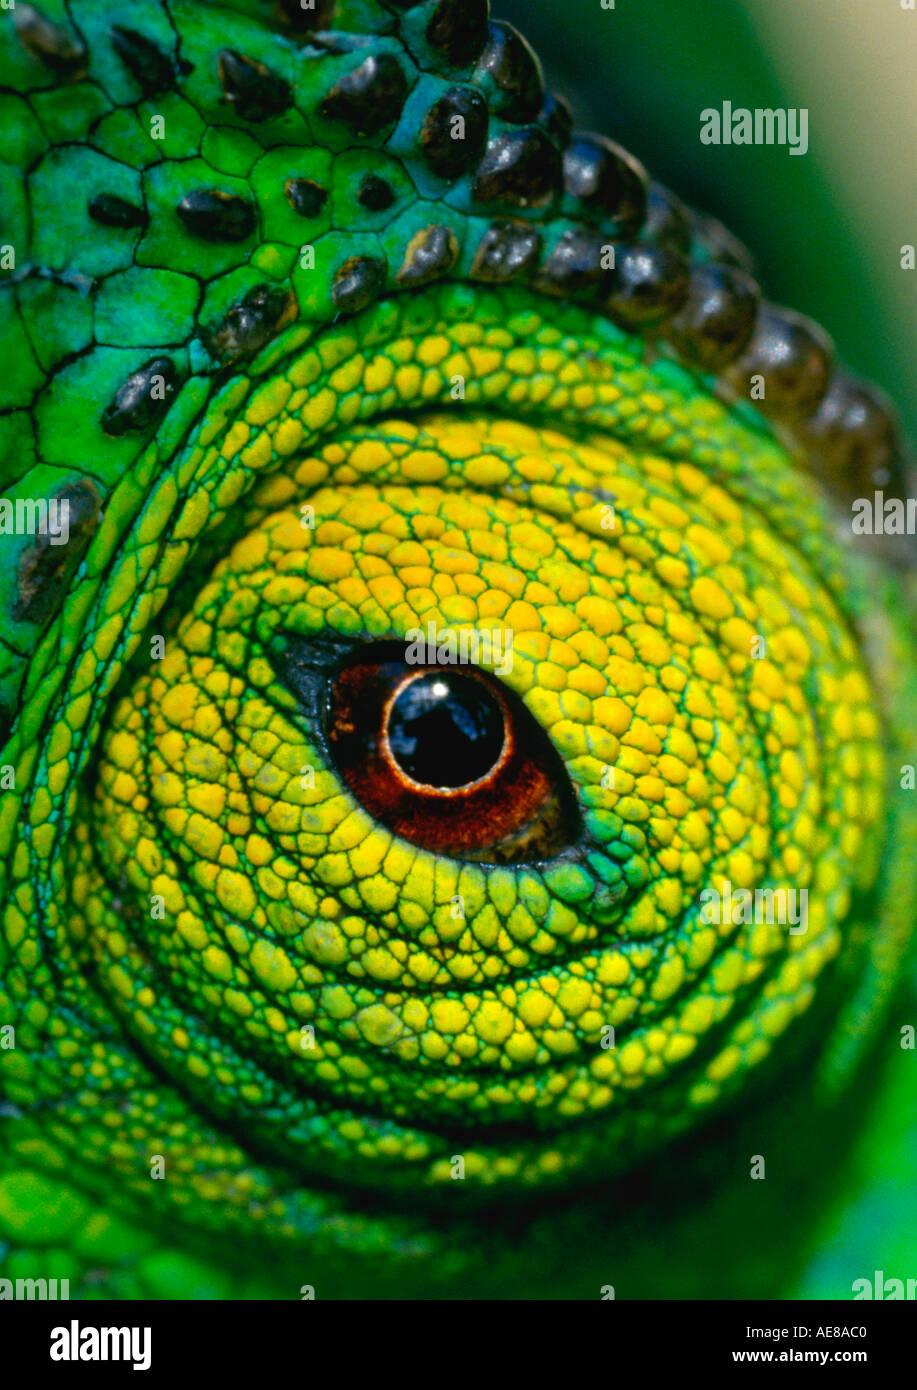 Parsons chameleon eye - Stock Image